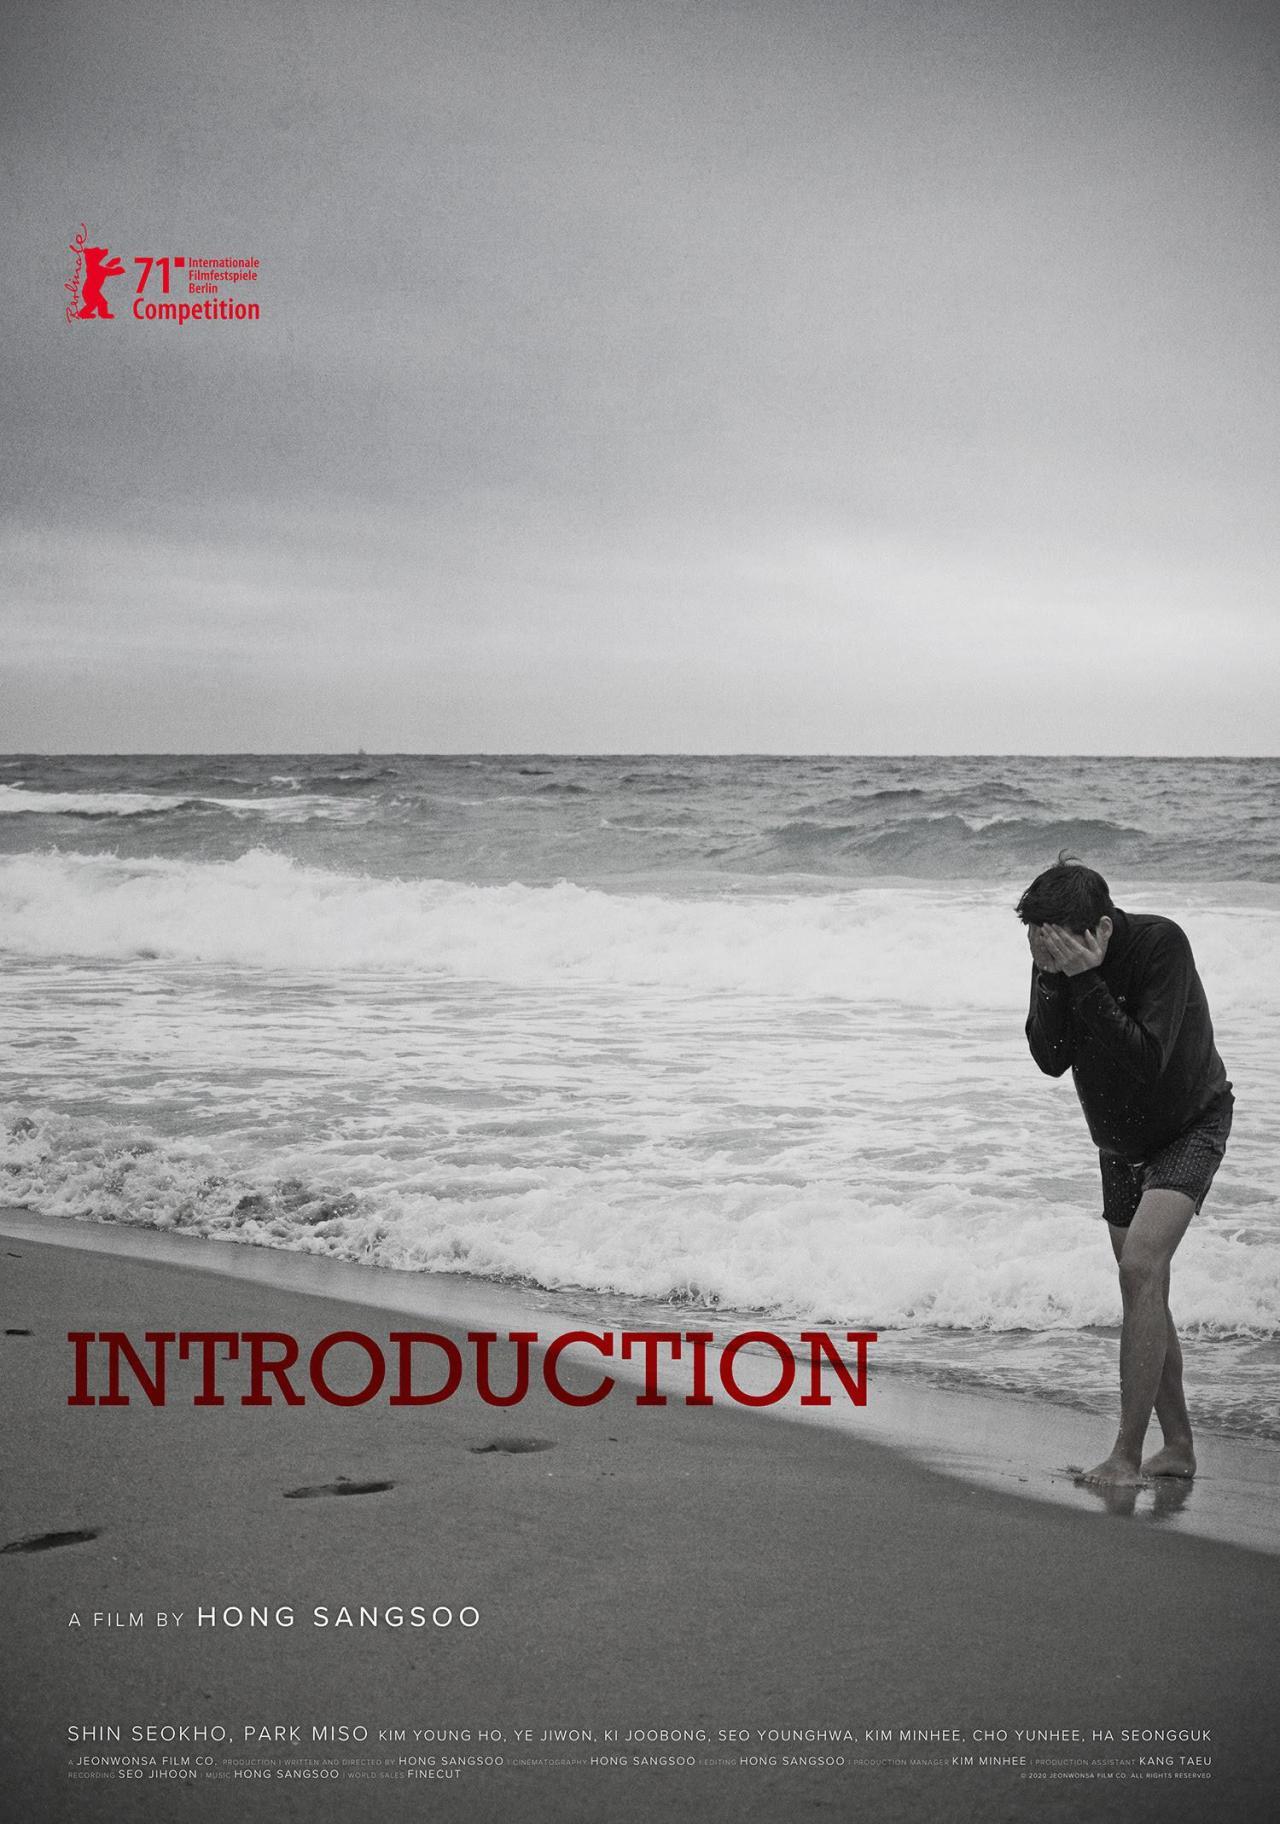 """""""Introduction"""" by director Hong Sang-soo (Jeonwonsa Film)"""